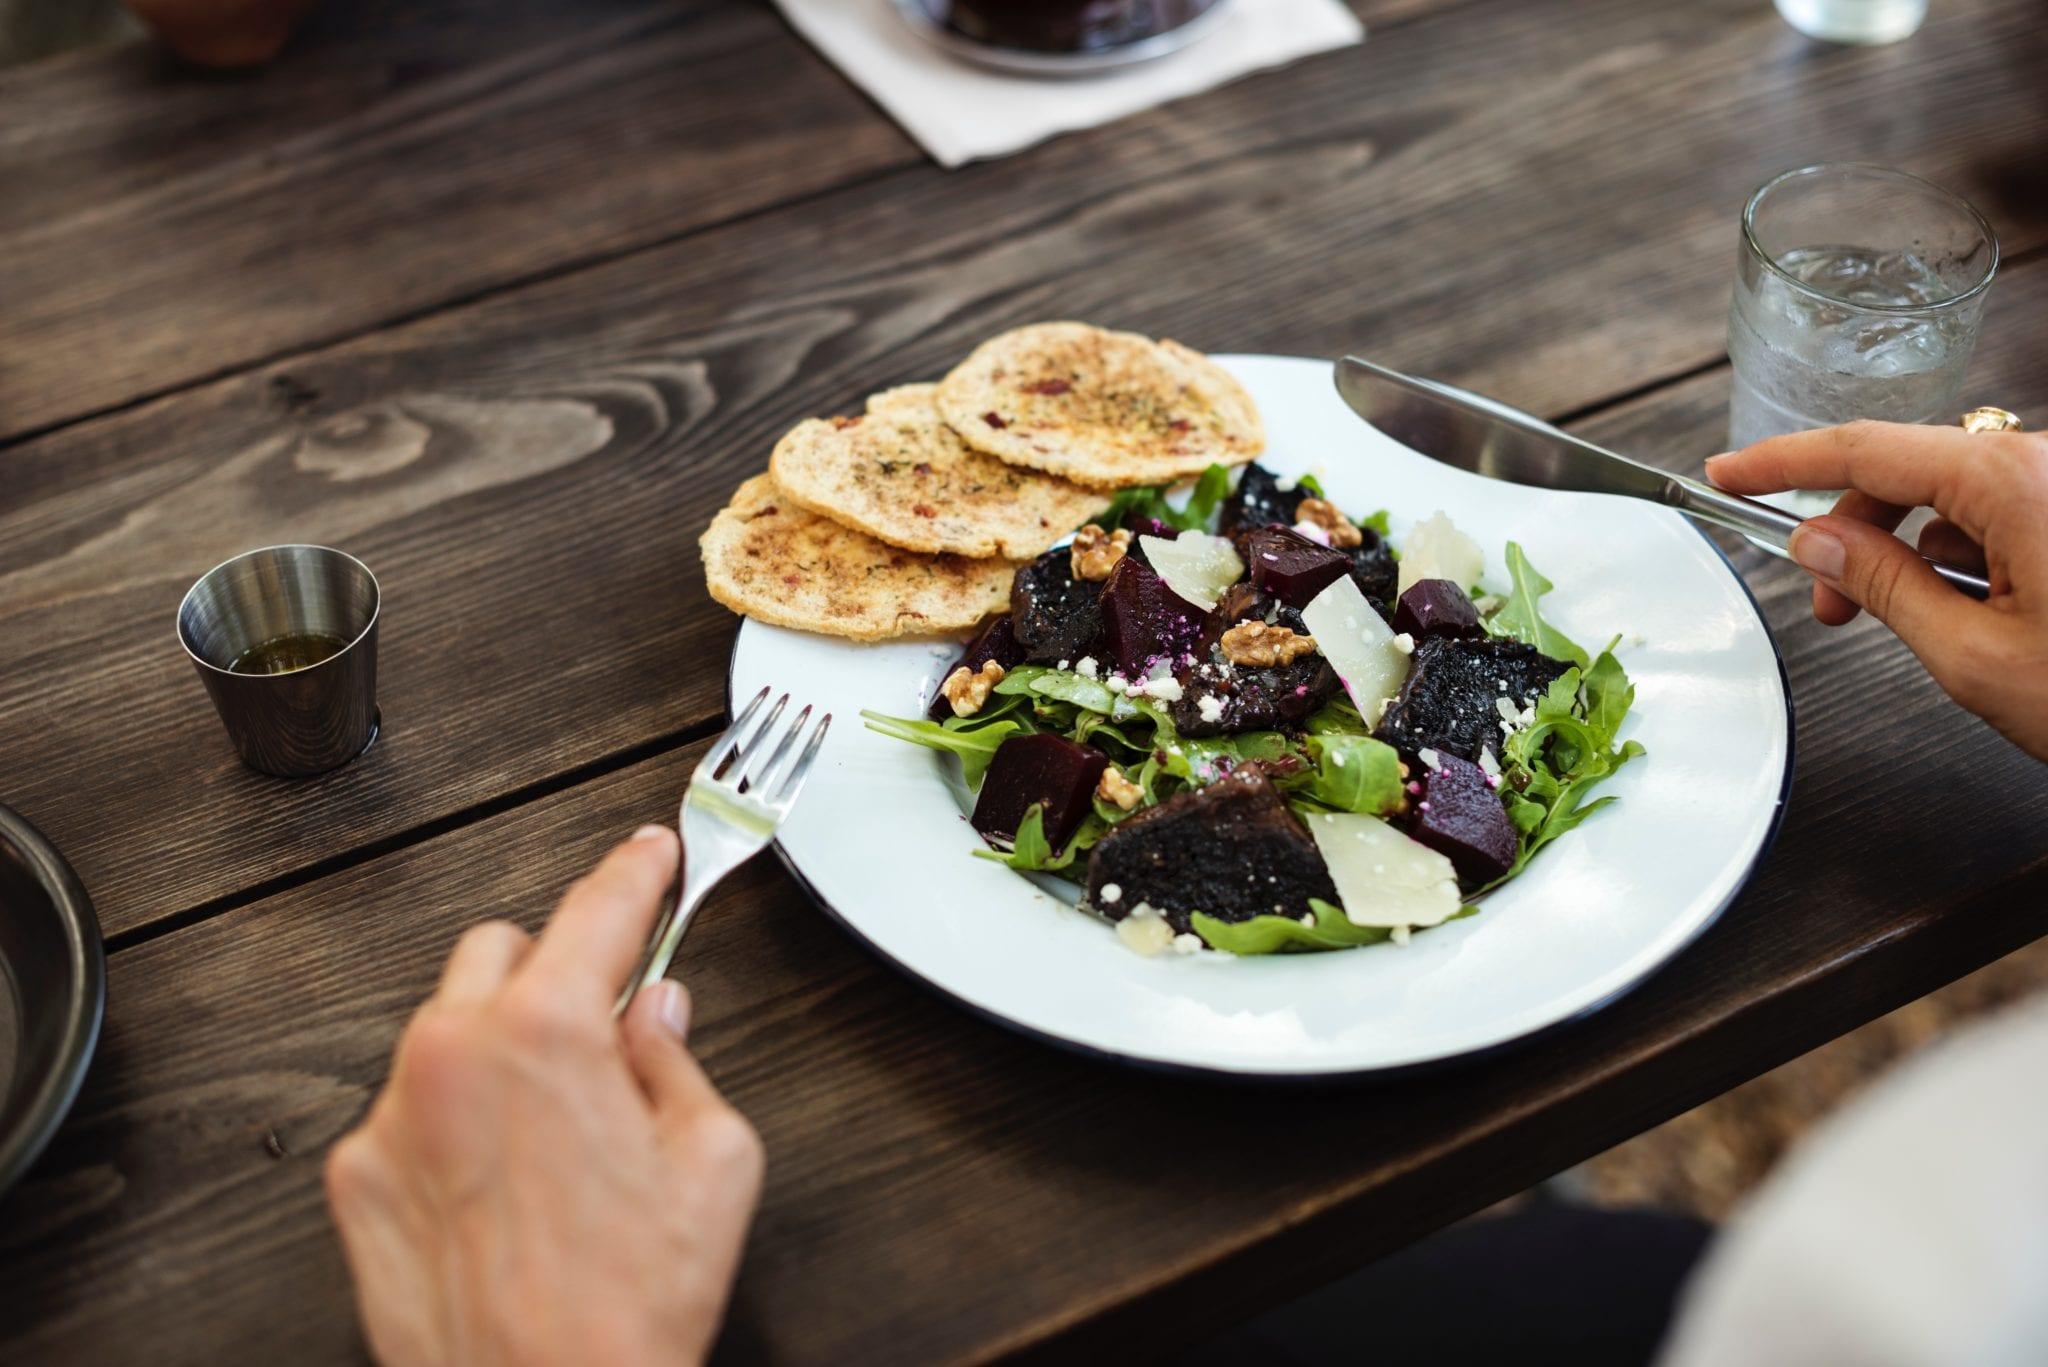 อาหารเย็นง่ายๆ สั่งอาหารออนไลน์ เย็นนี้กินอะไรดี อาหารมื้อเย็น ร้านอาหารเดลิเวอรี่ ร้านอาหารส่งถึงบ้าน